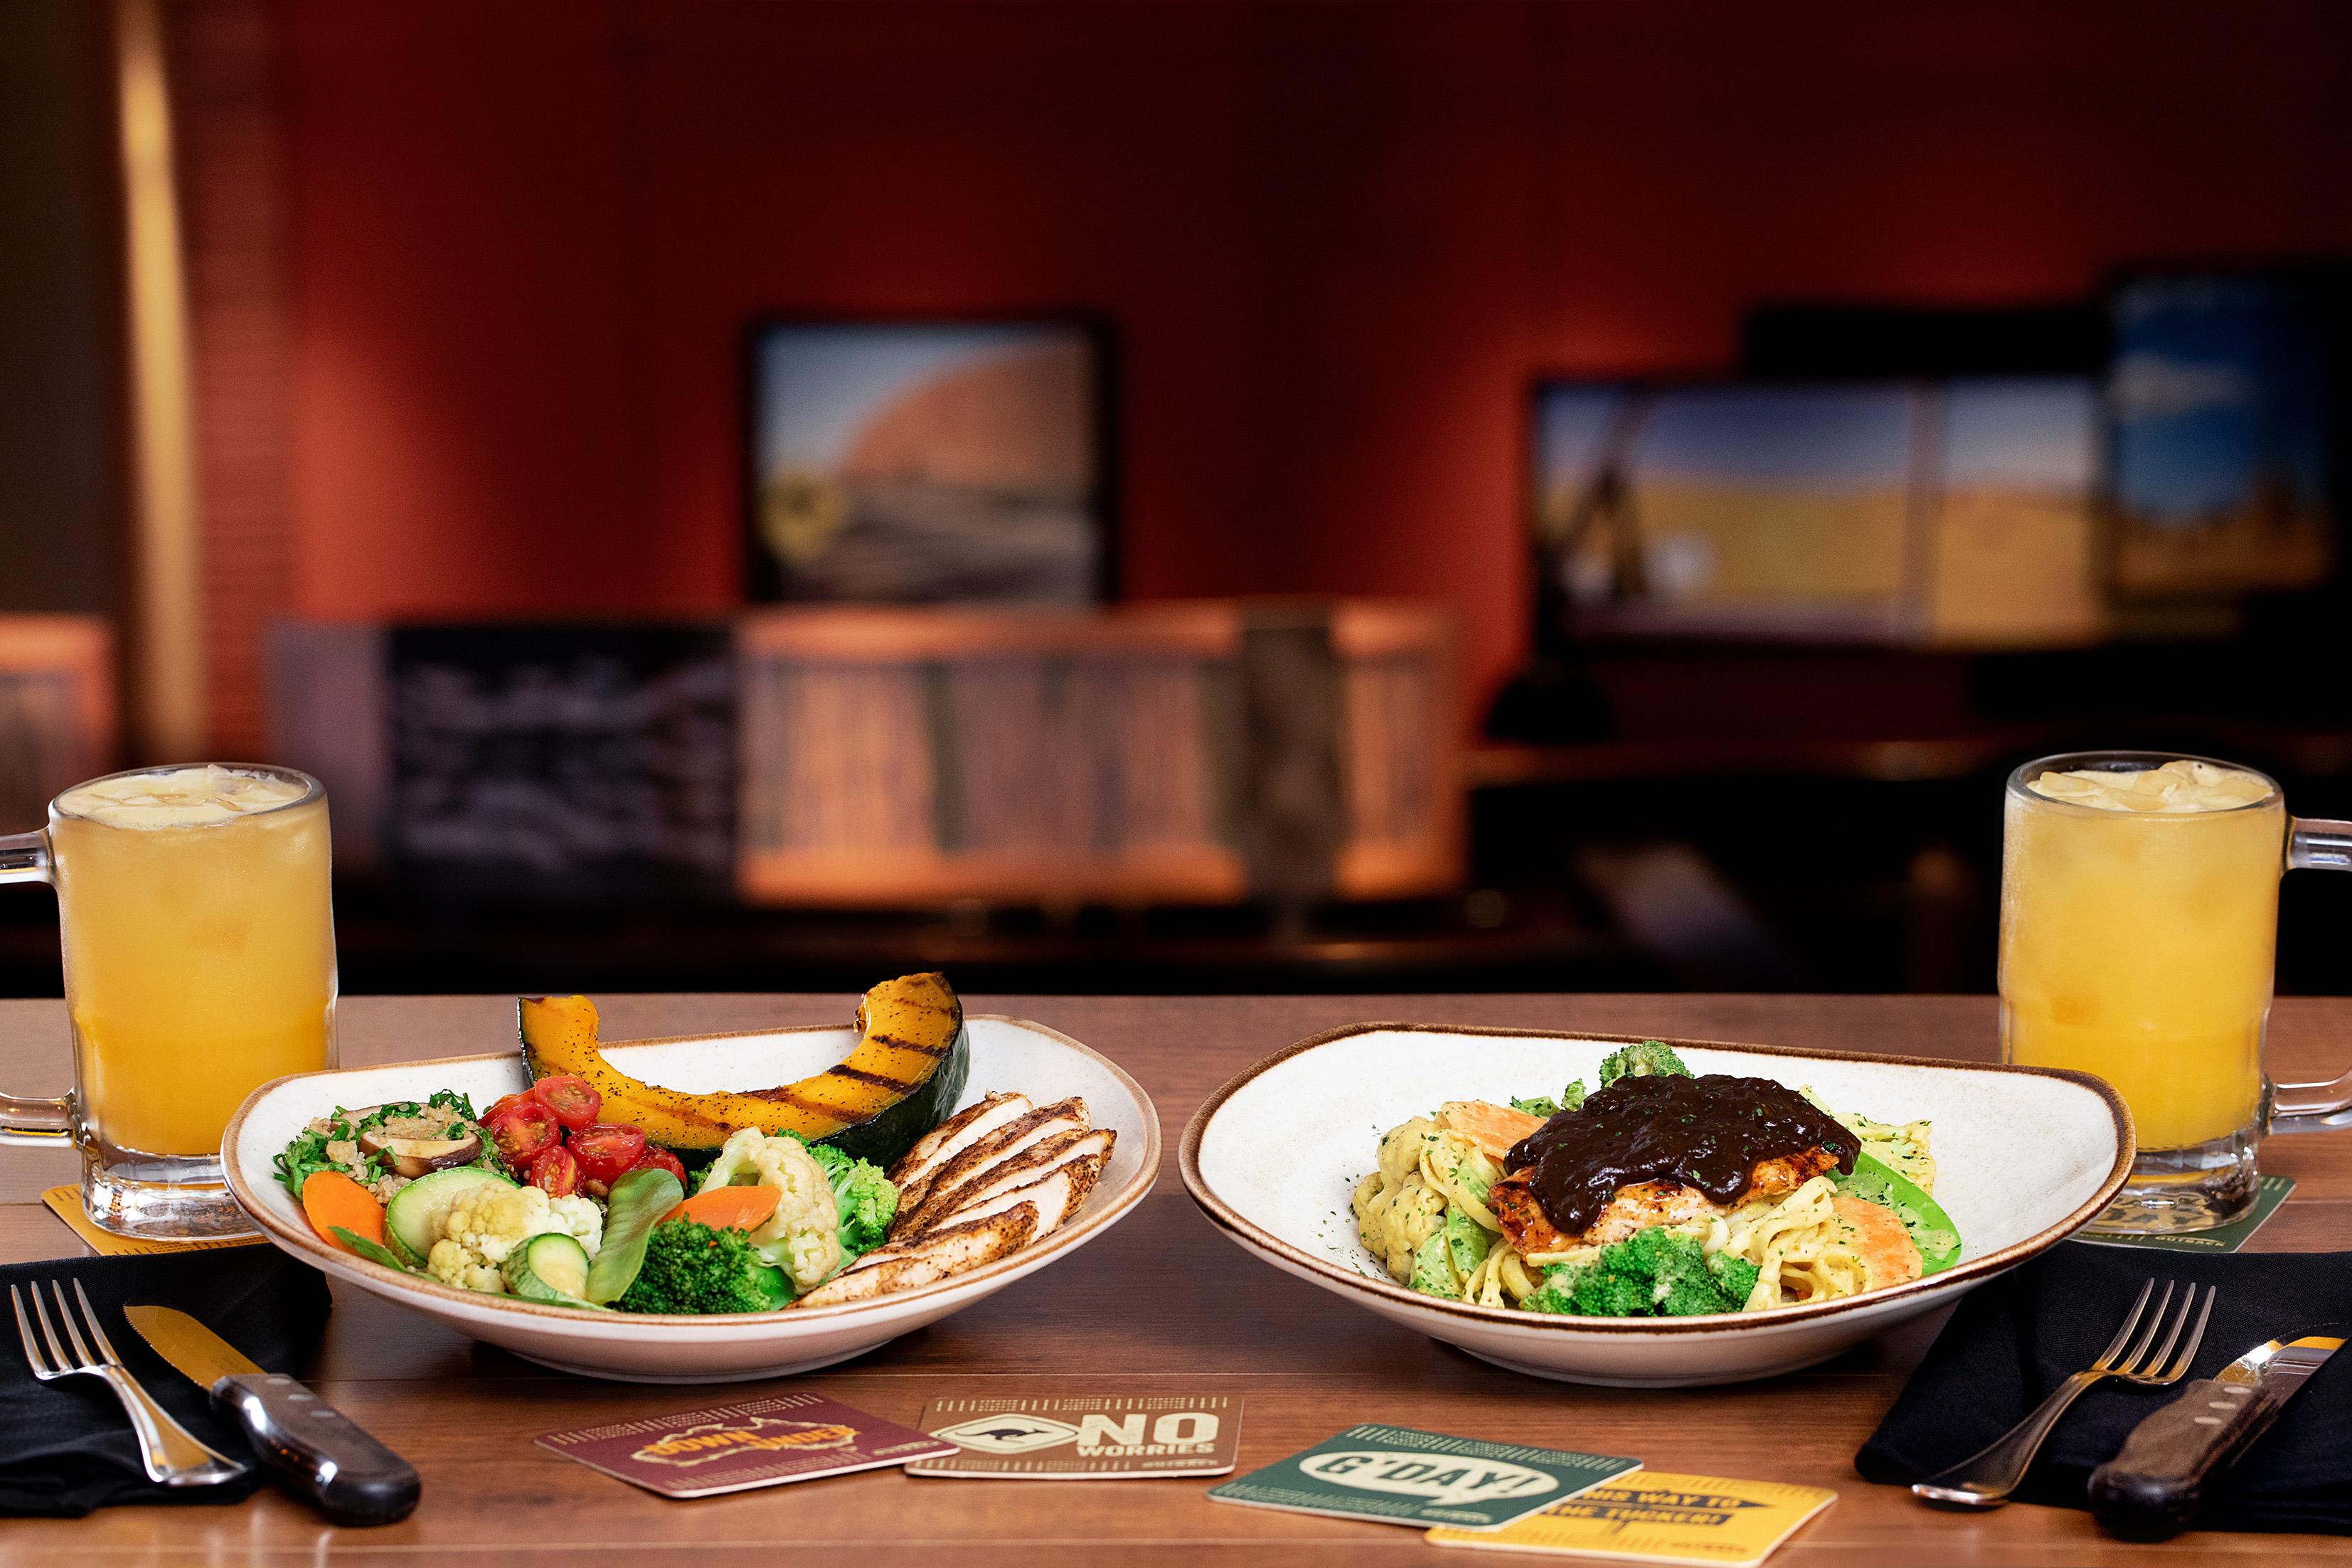 Outback lança opções de pratos fit sem abrir mão do sabor